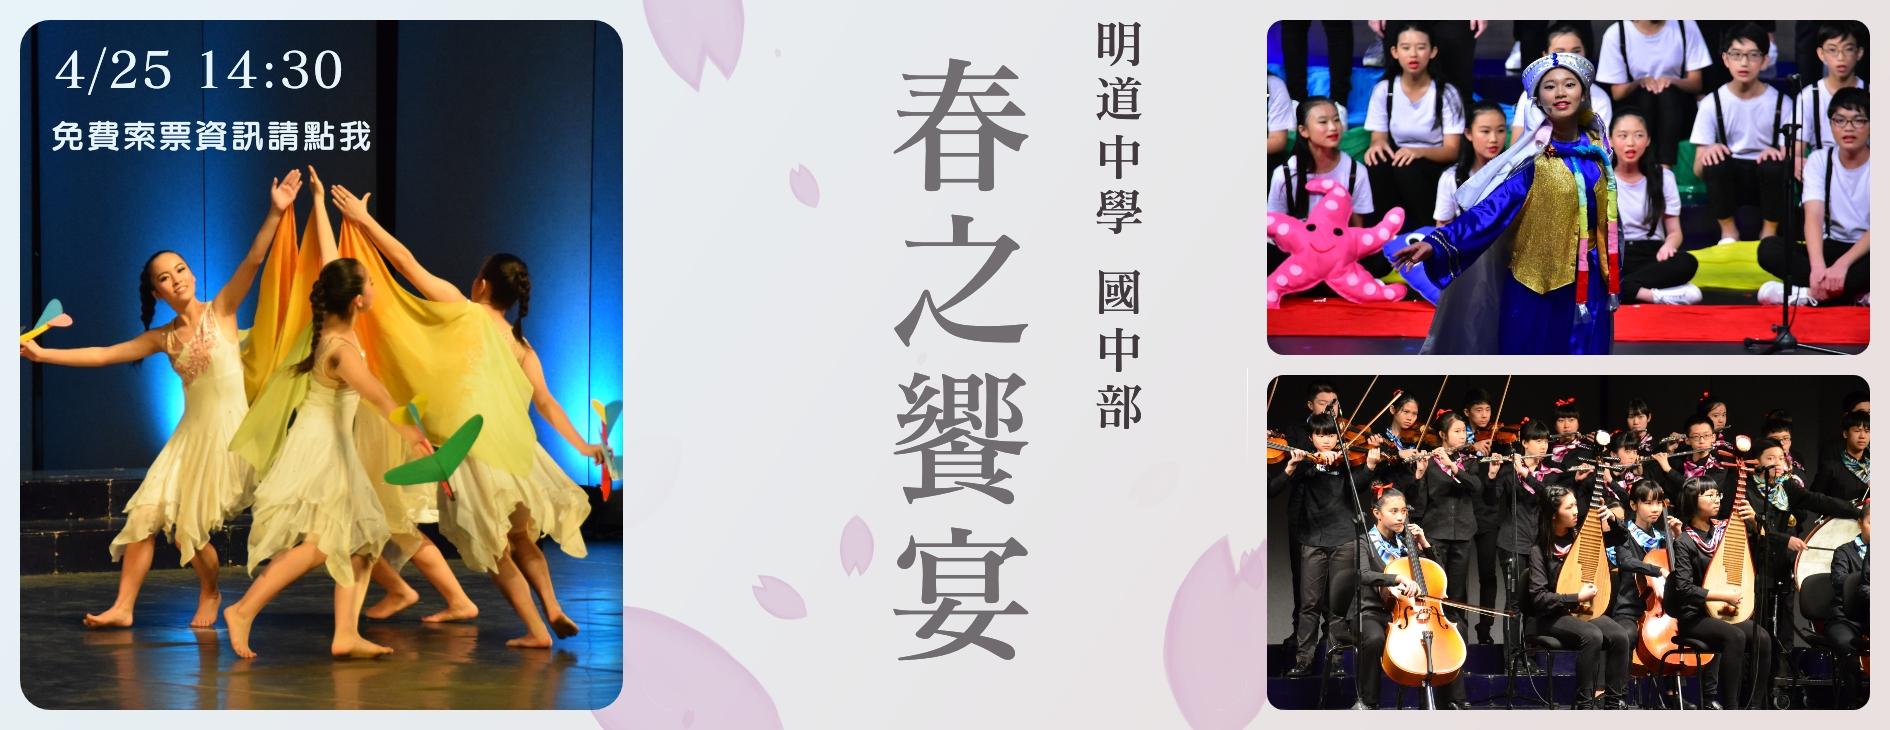 明道中學國中部《春之饗宴音樂會》